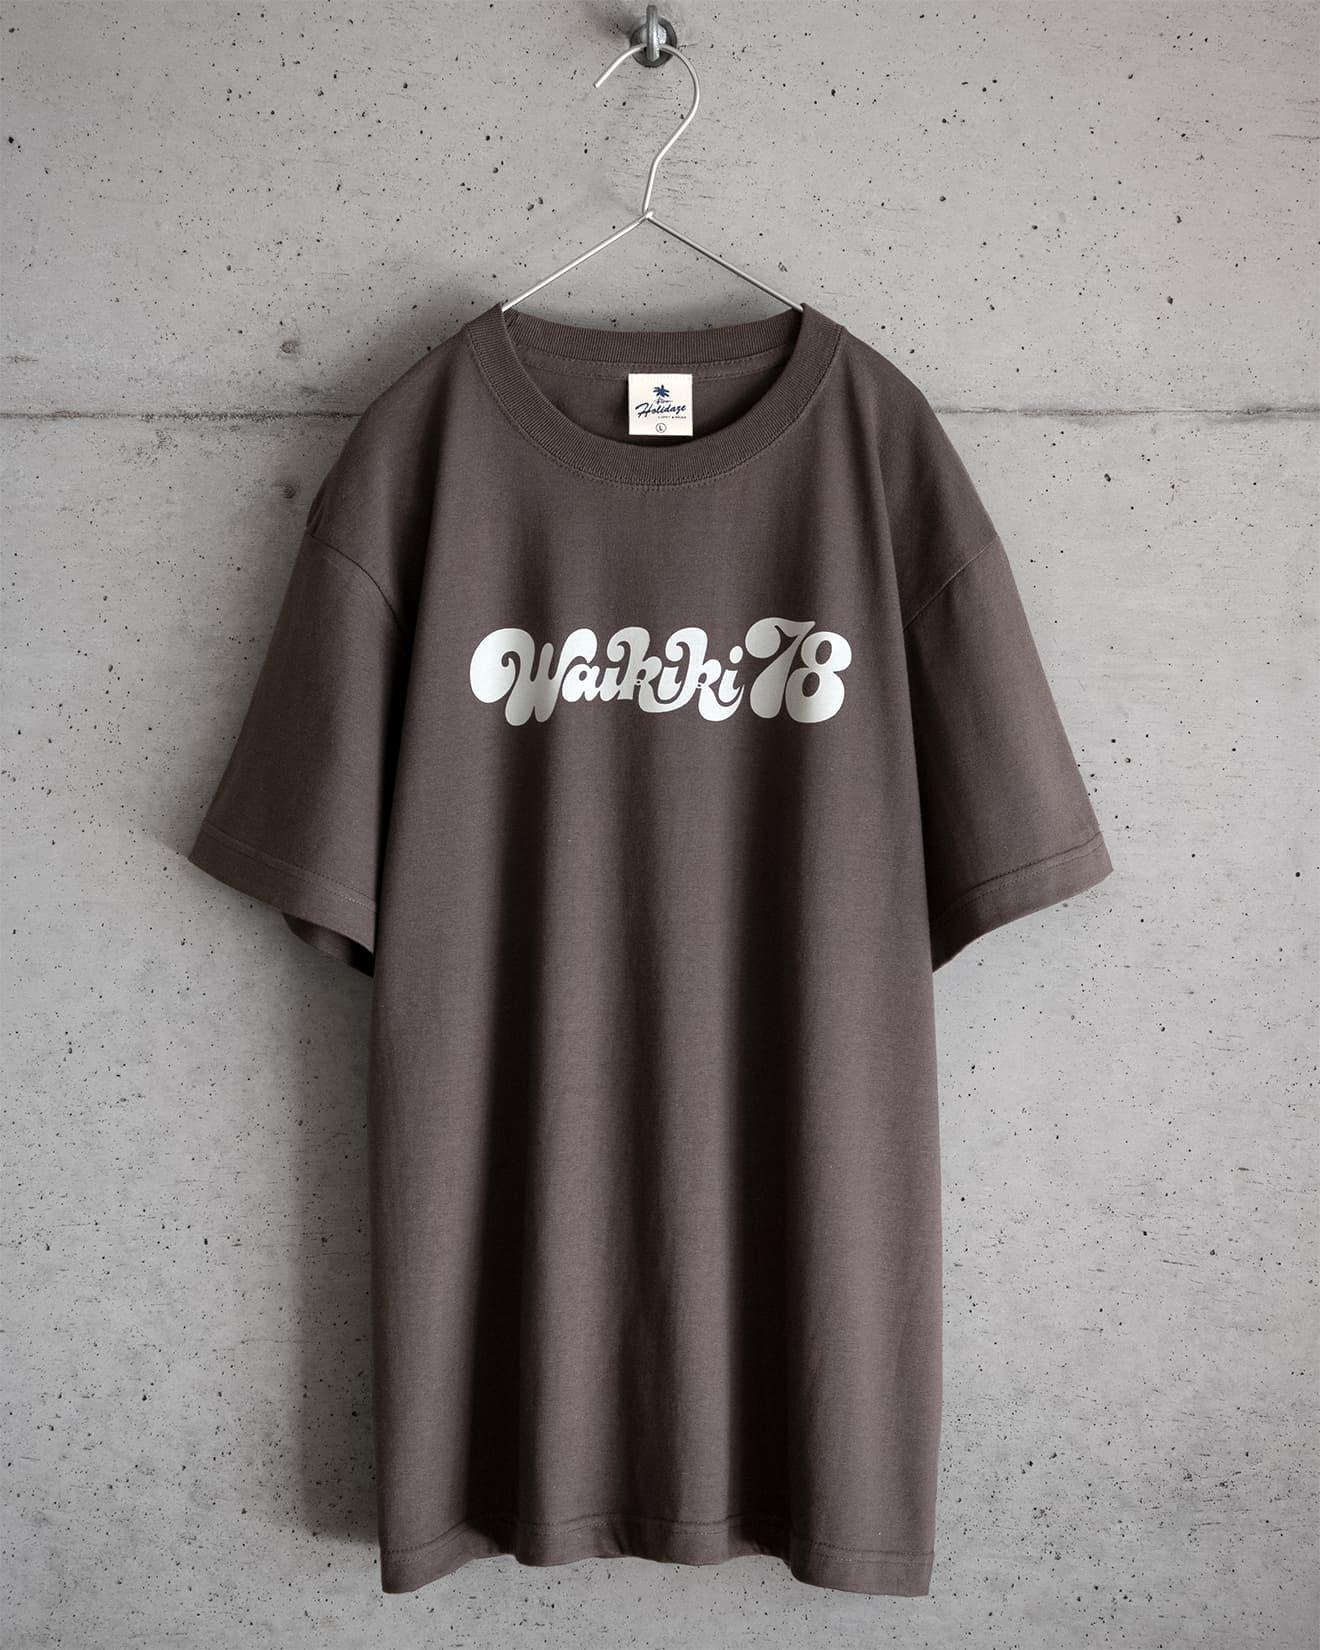 WAIKIKI'78 Tシャツ